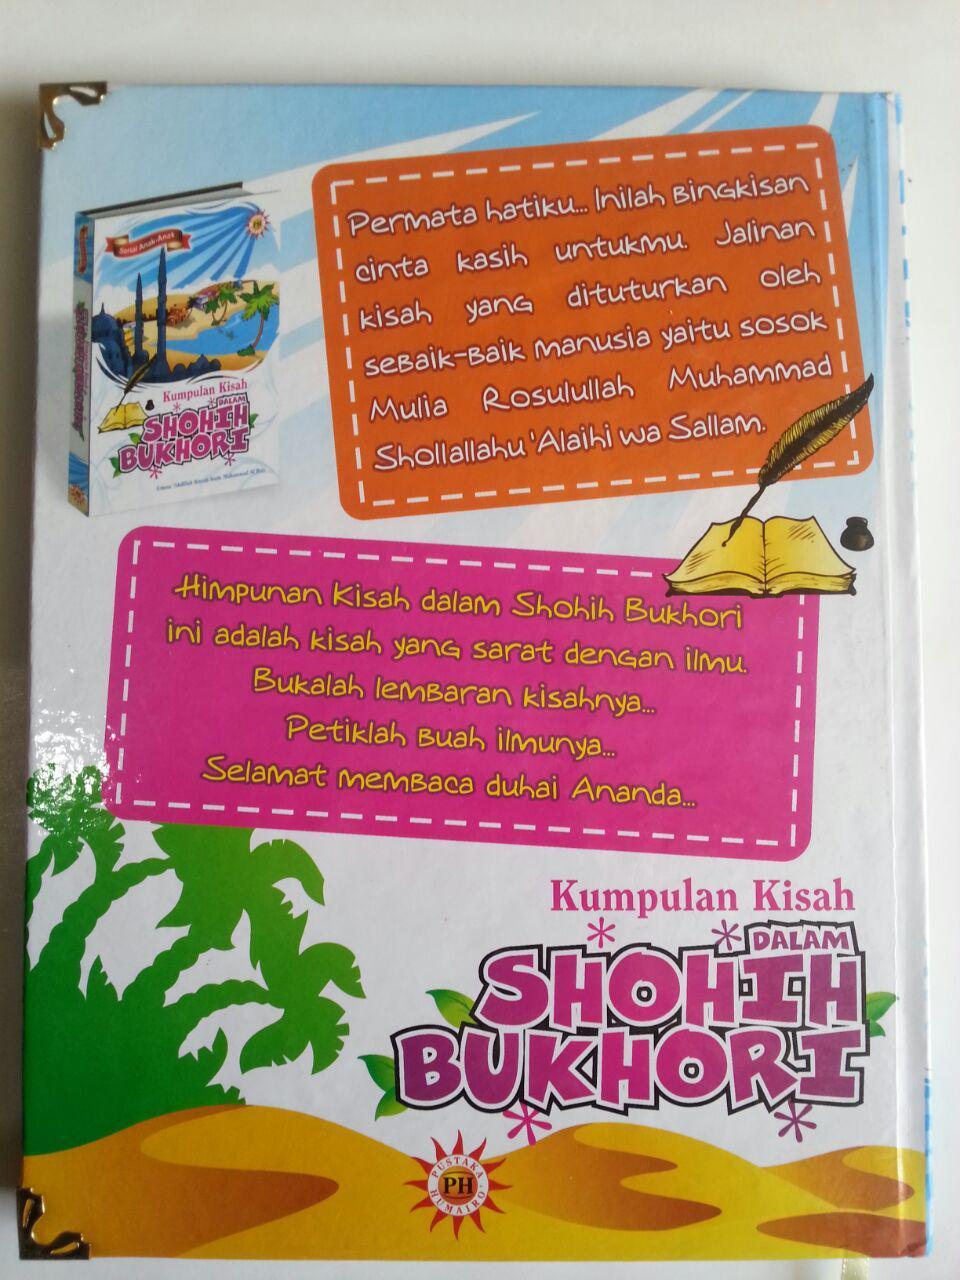 Buku Kumpulan Kisah Dalam Shohih Bukhori cover